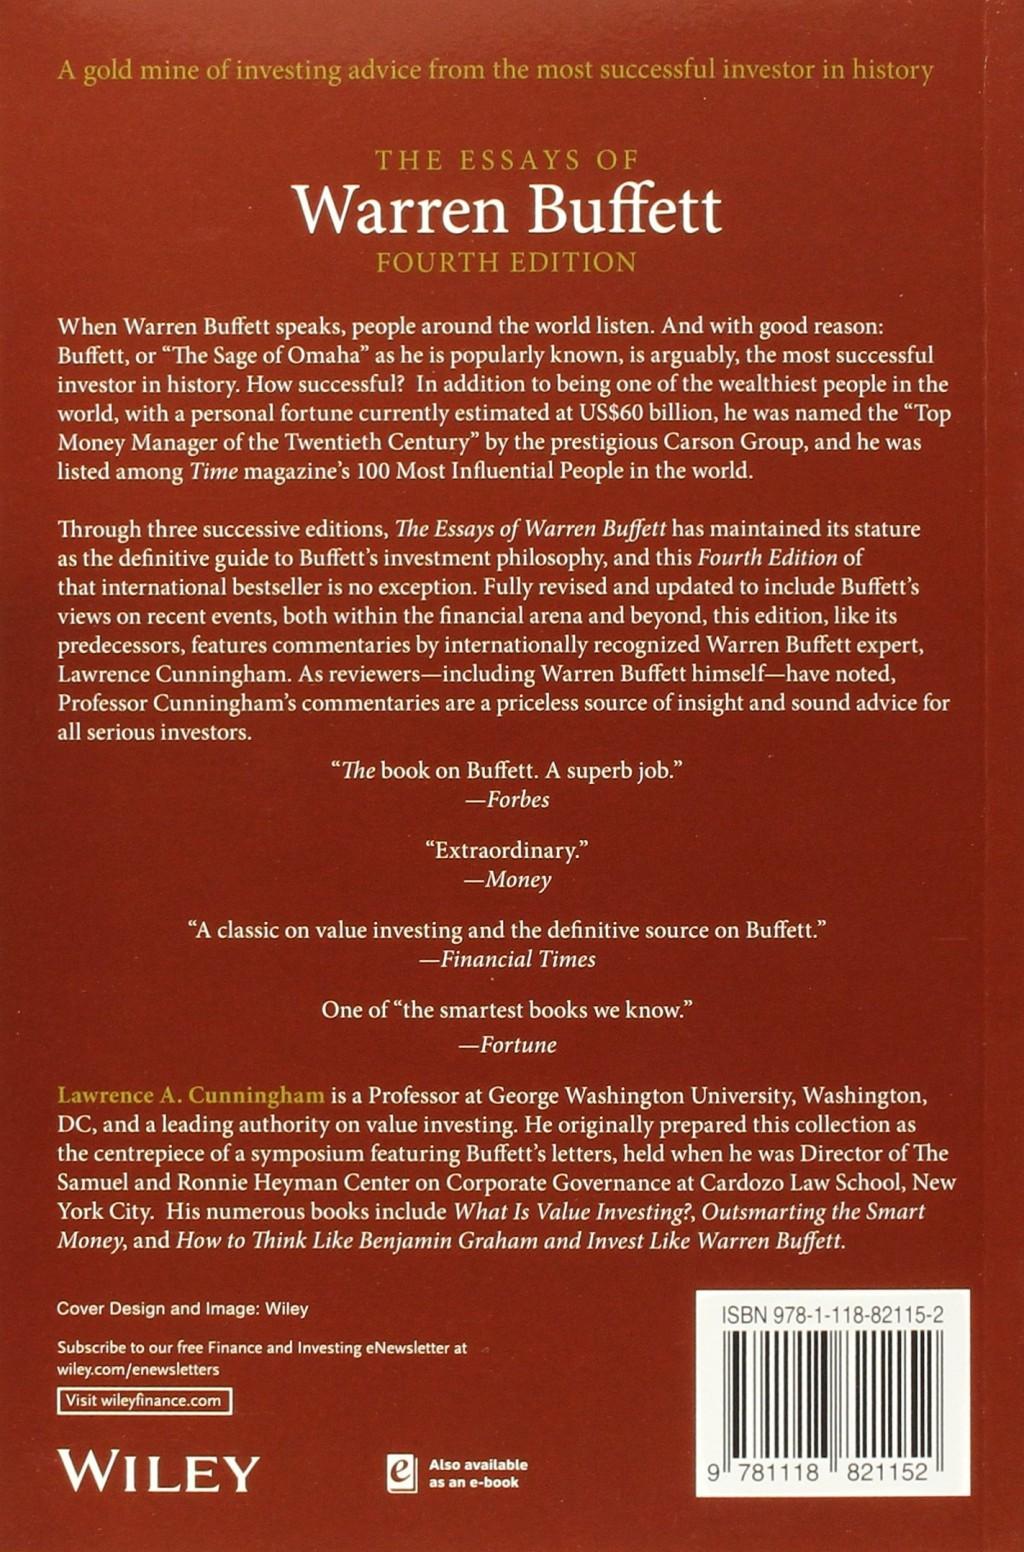 007 91viw96oq0l Die Essays Von Warren Buffett Essay Archaicawful Pdf Large